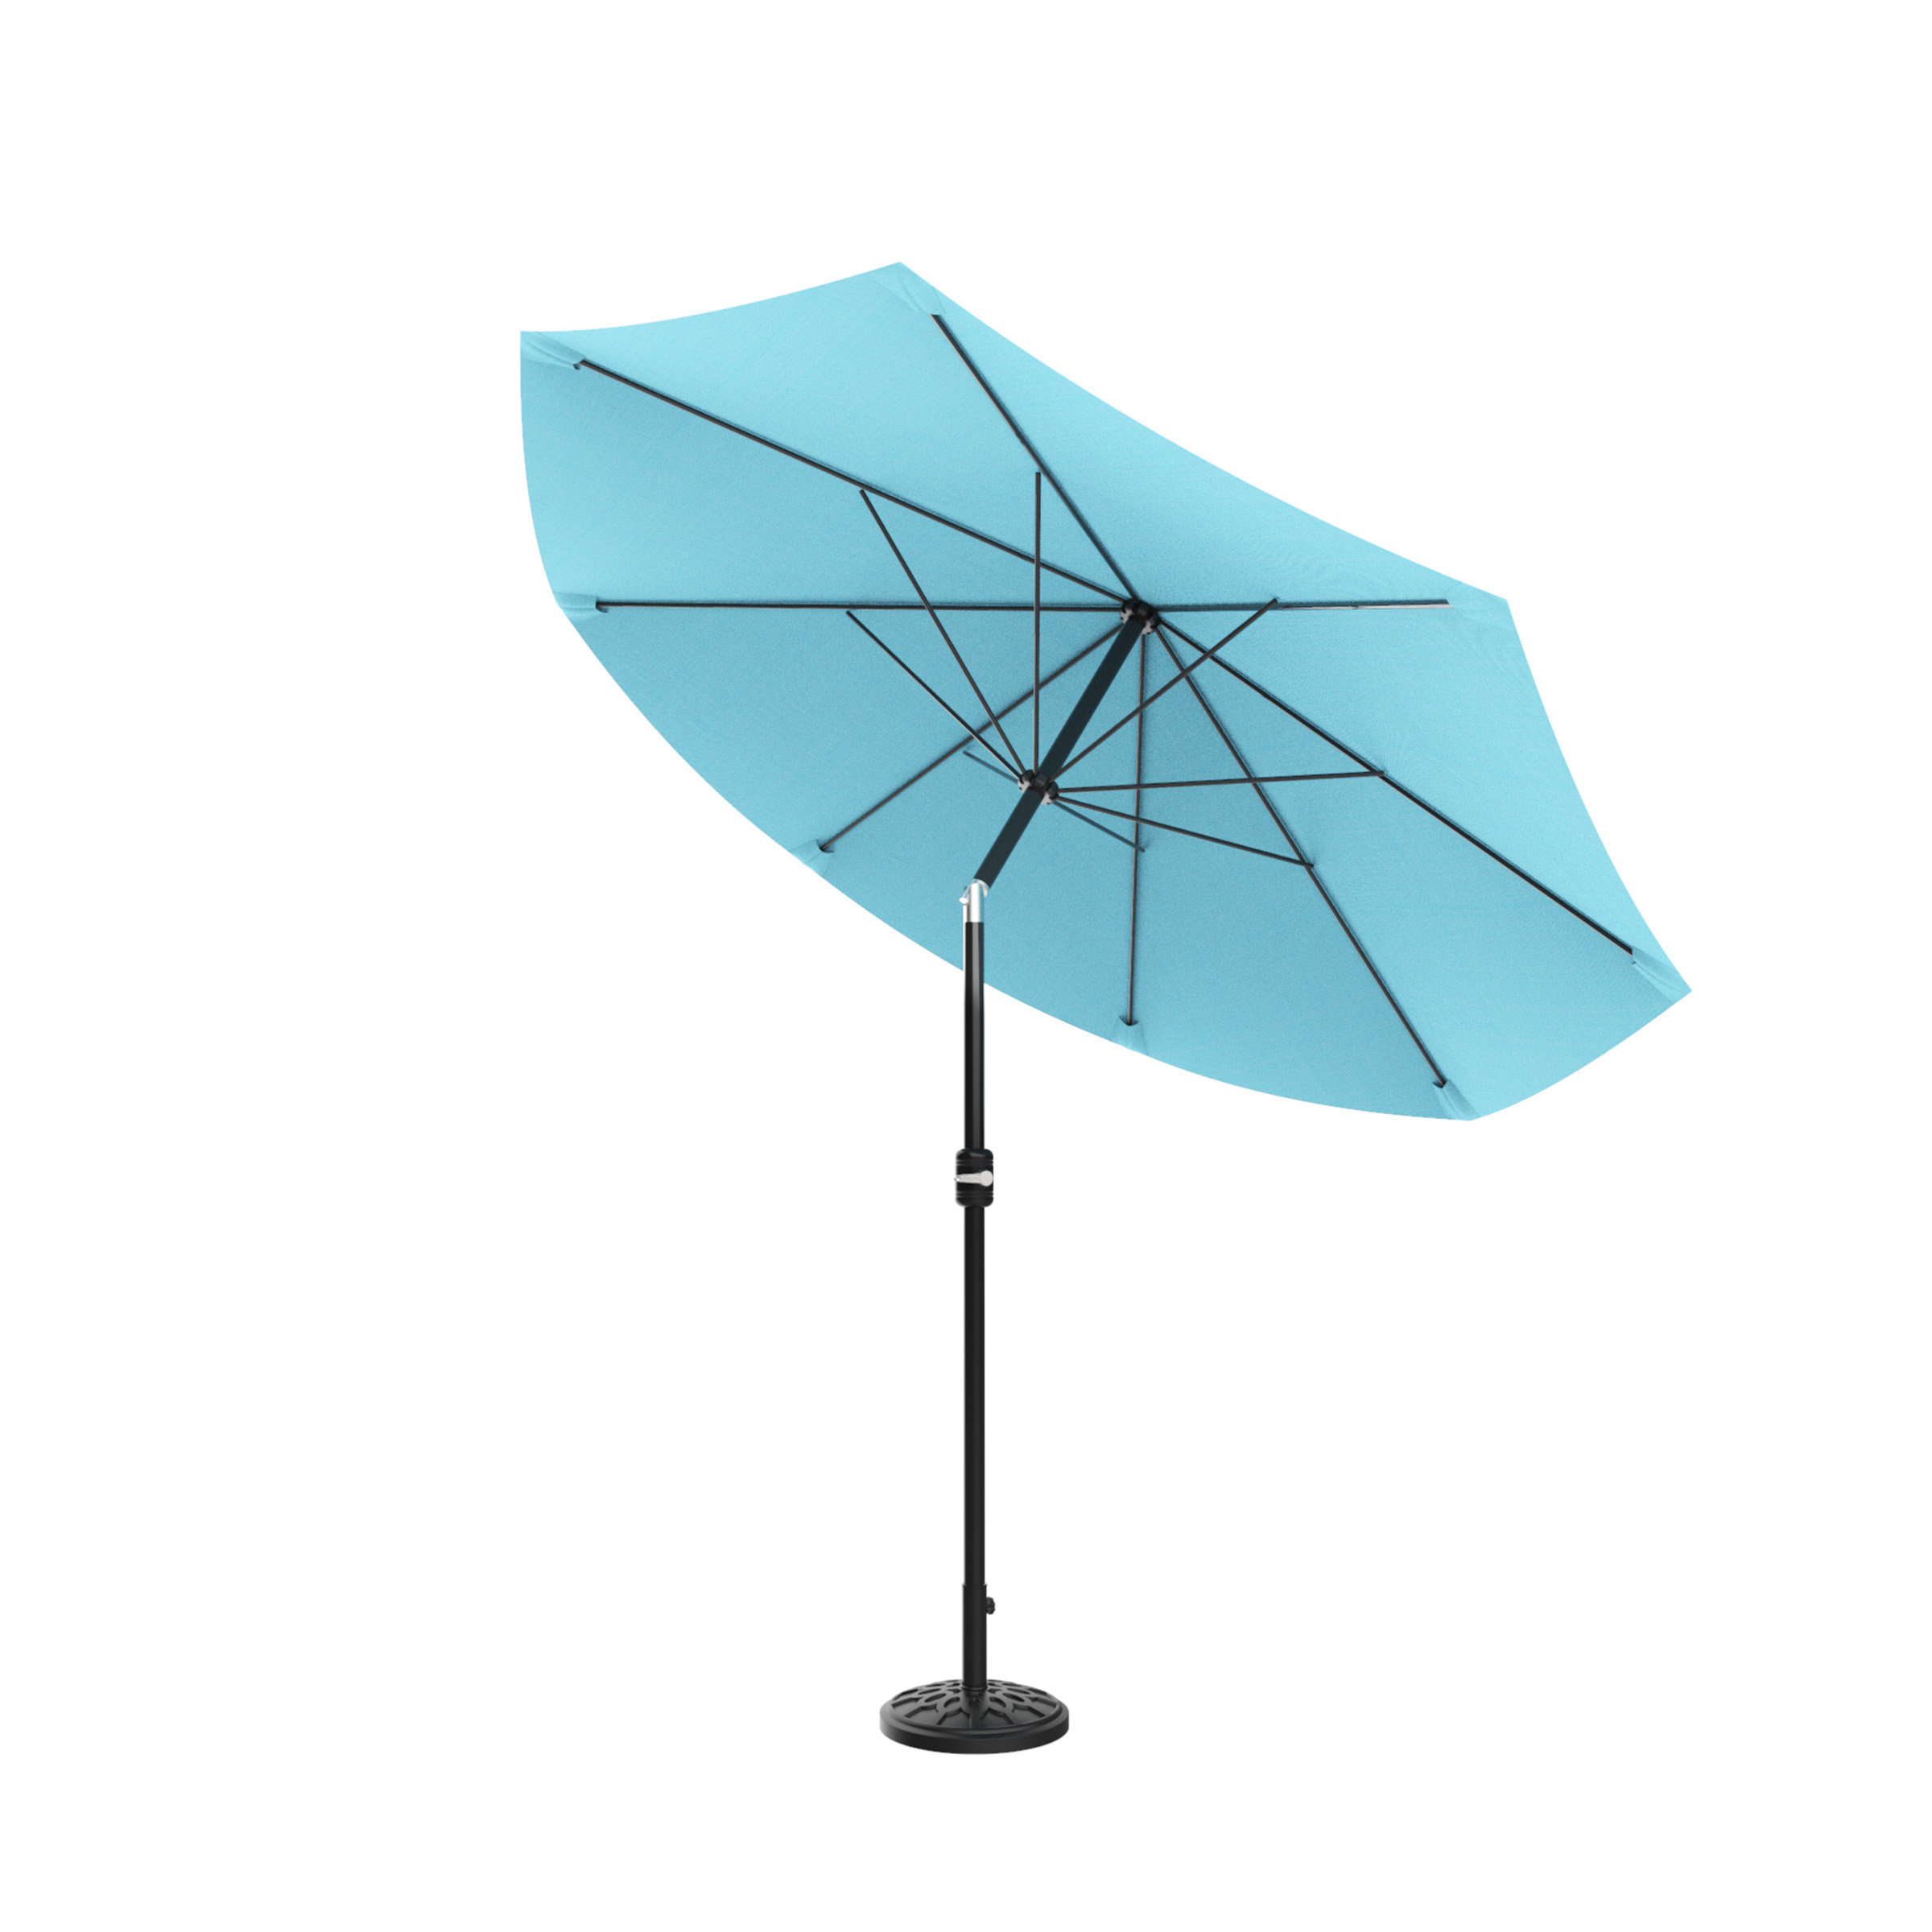 Allport Market Umbrellas Intended For Popular Kelton 10' Market Umbrella (Gallery 9 of 20)